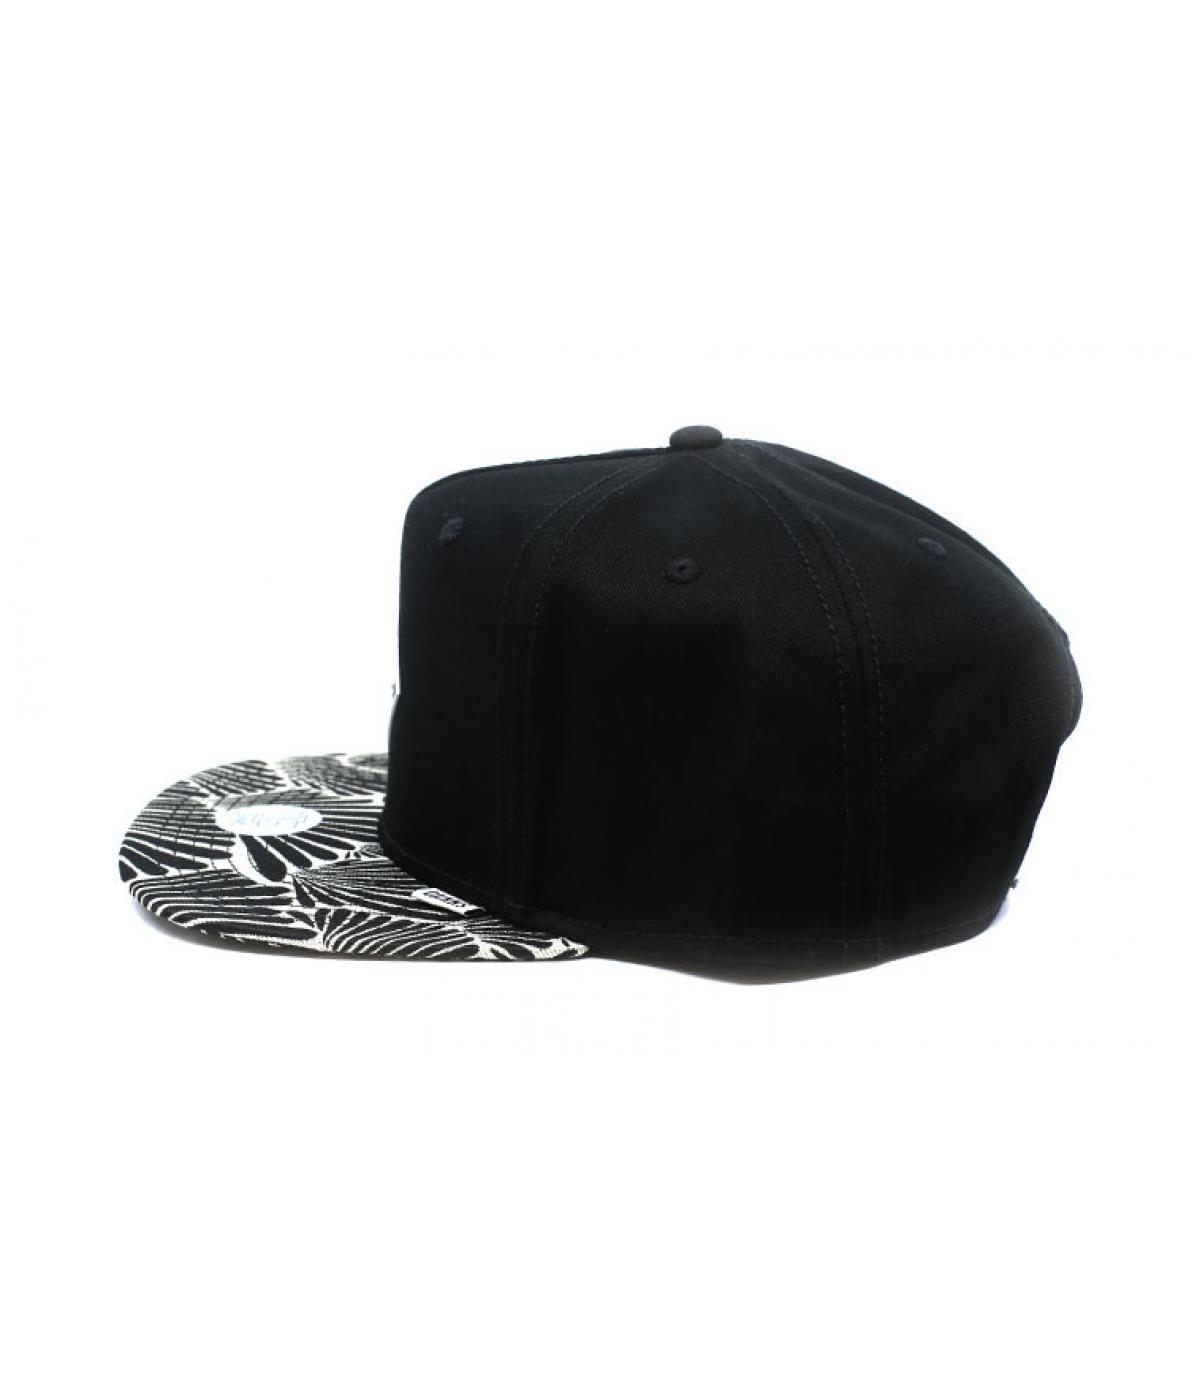 Détails We Love Ugly Shed Rev Snapback black - image 4